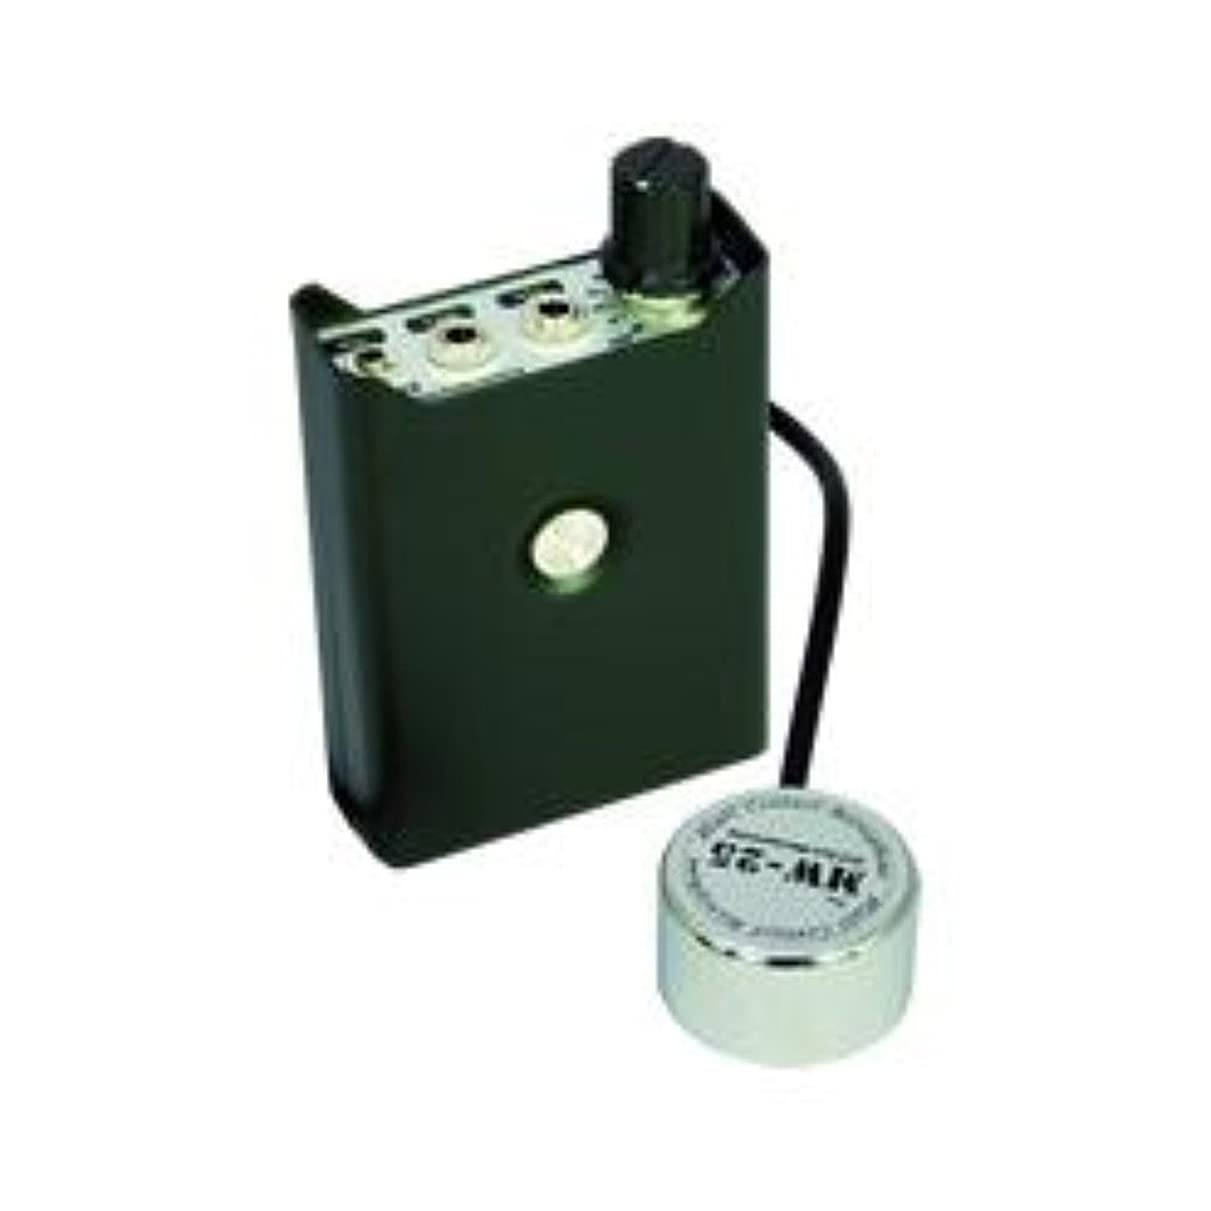 ダニ哺乳類副産物スタンダードコンクリートマイク 高音質マイク採用 機械内部の異音や水道の水漏れ検出に最適【MW-25】